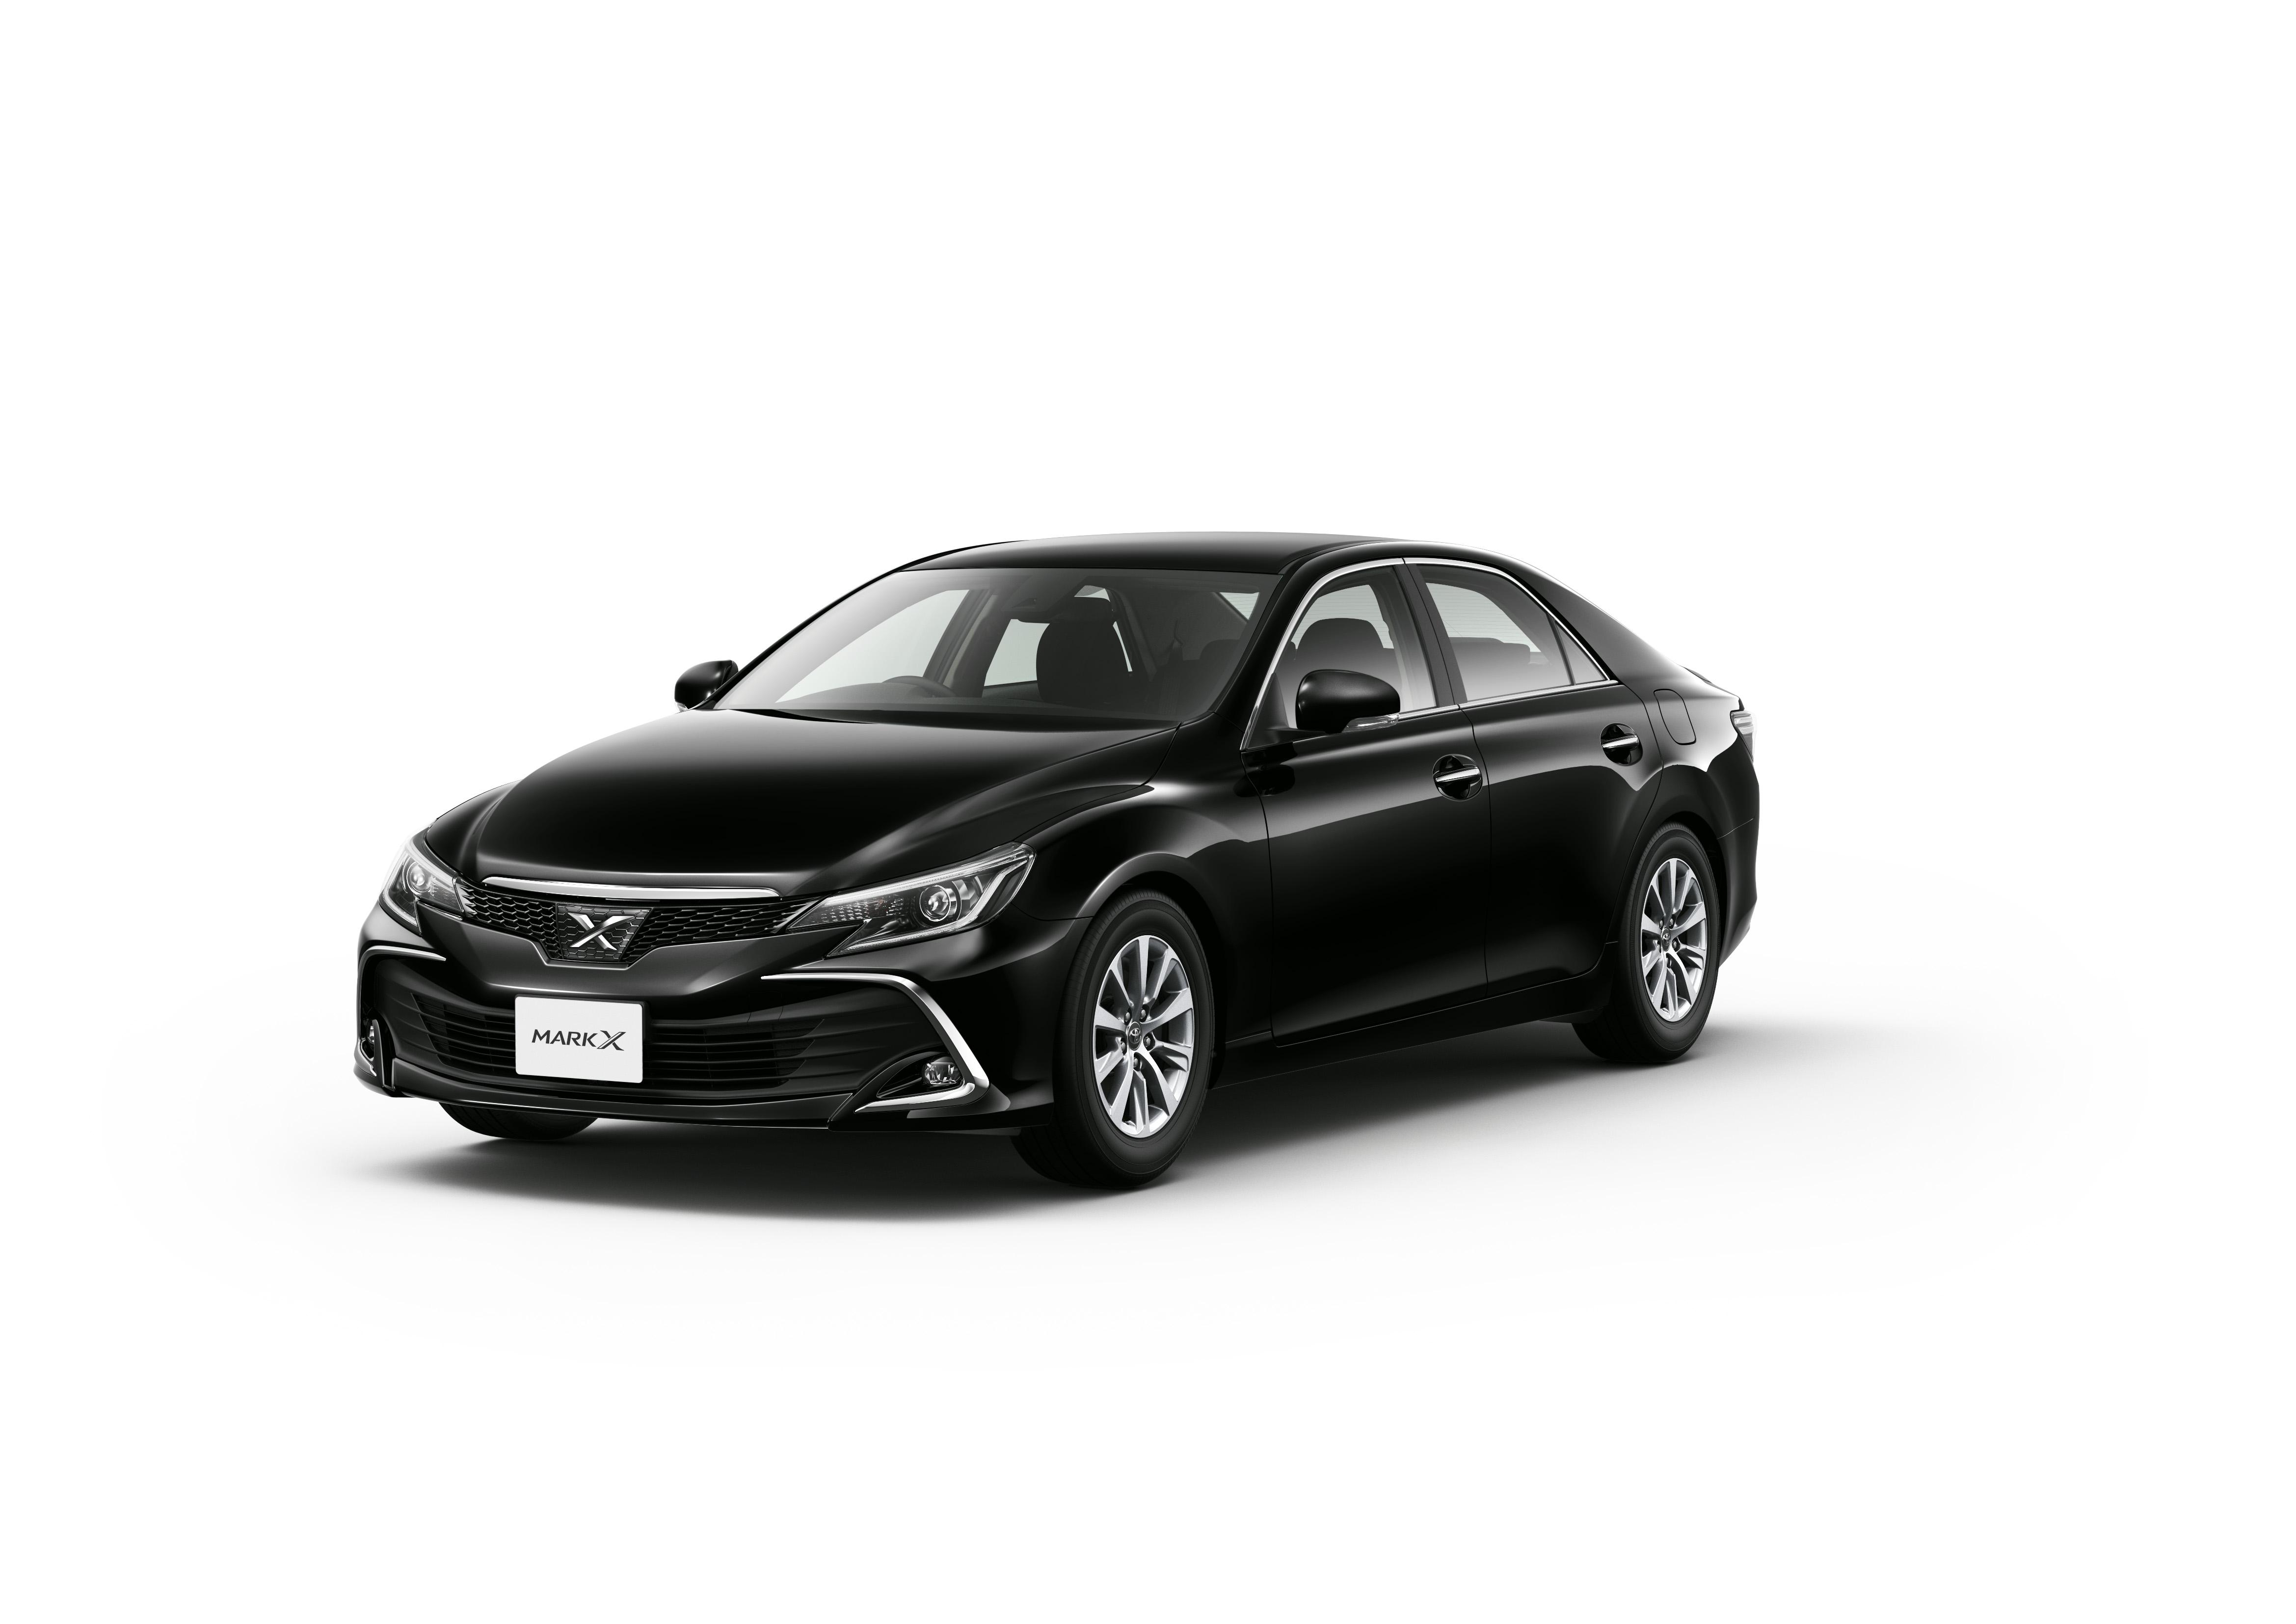 トヨタレンタカー名取店『【東北】早割30!30%割引キャンペーン(ナビ・ETC車載器標準装備)』